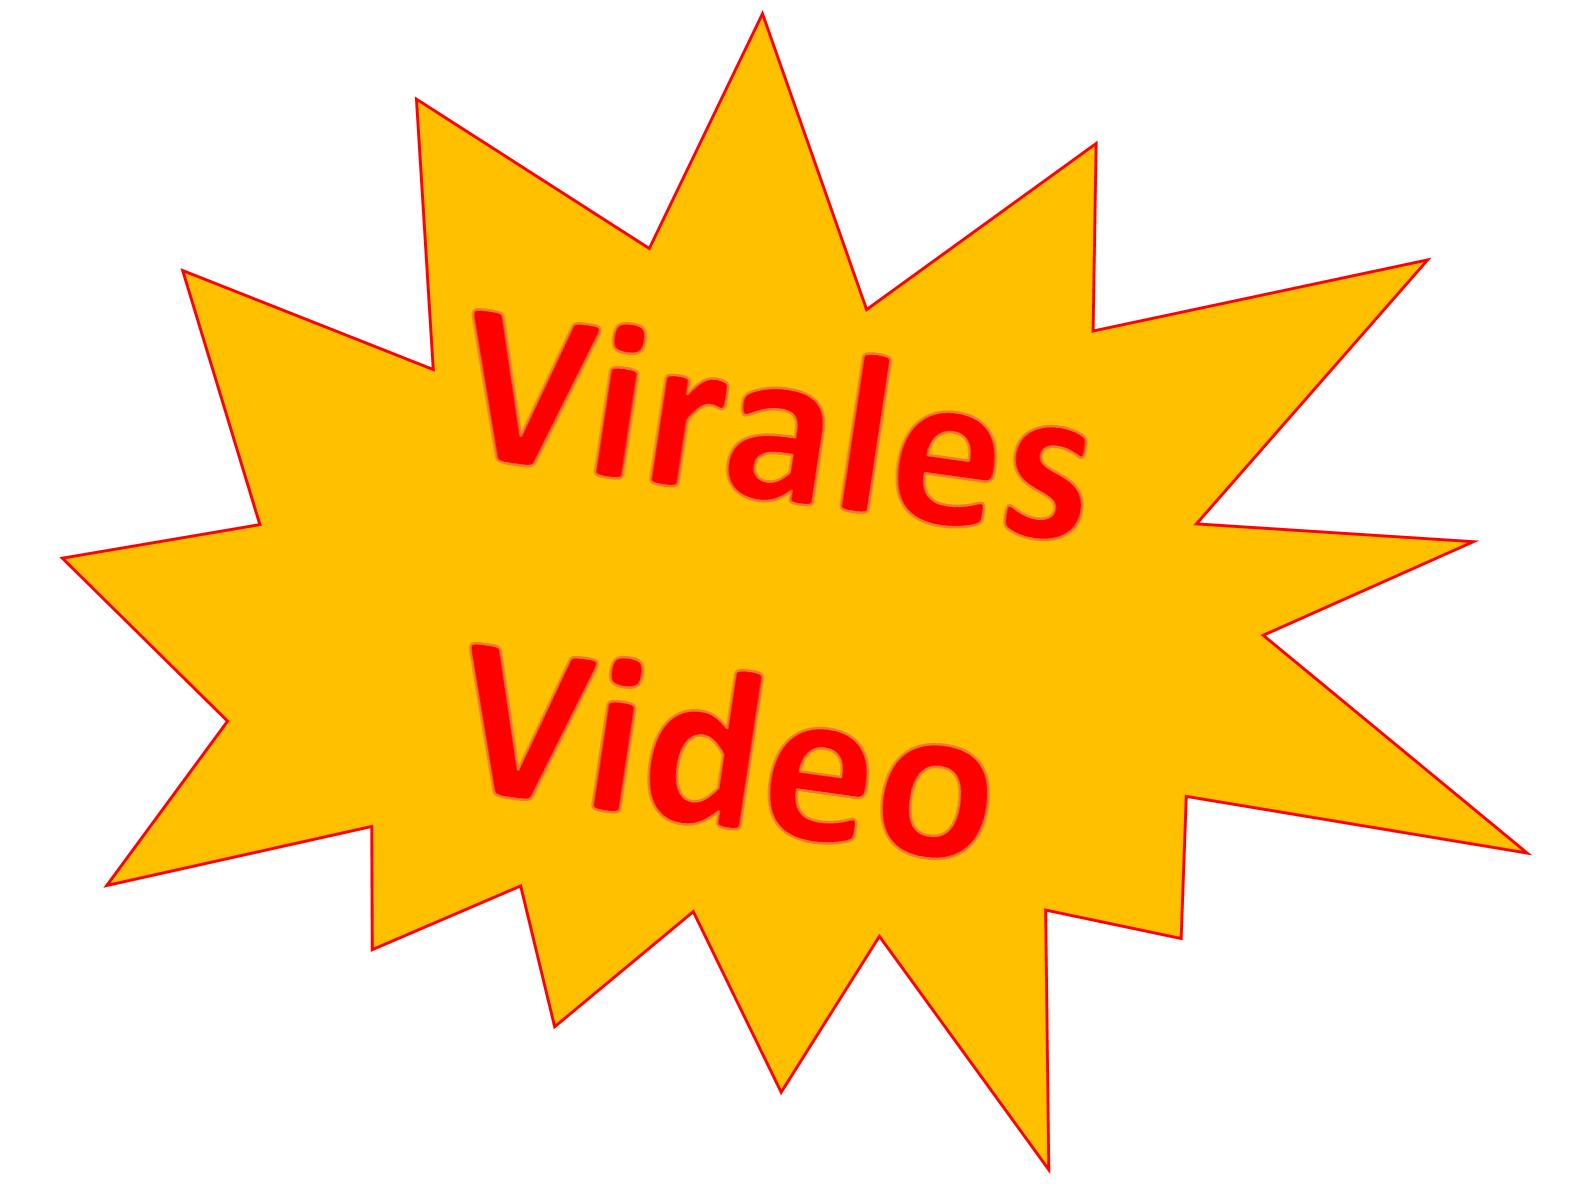 leil.de/di/pics/virales_video.png